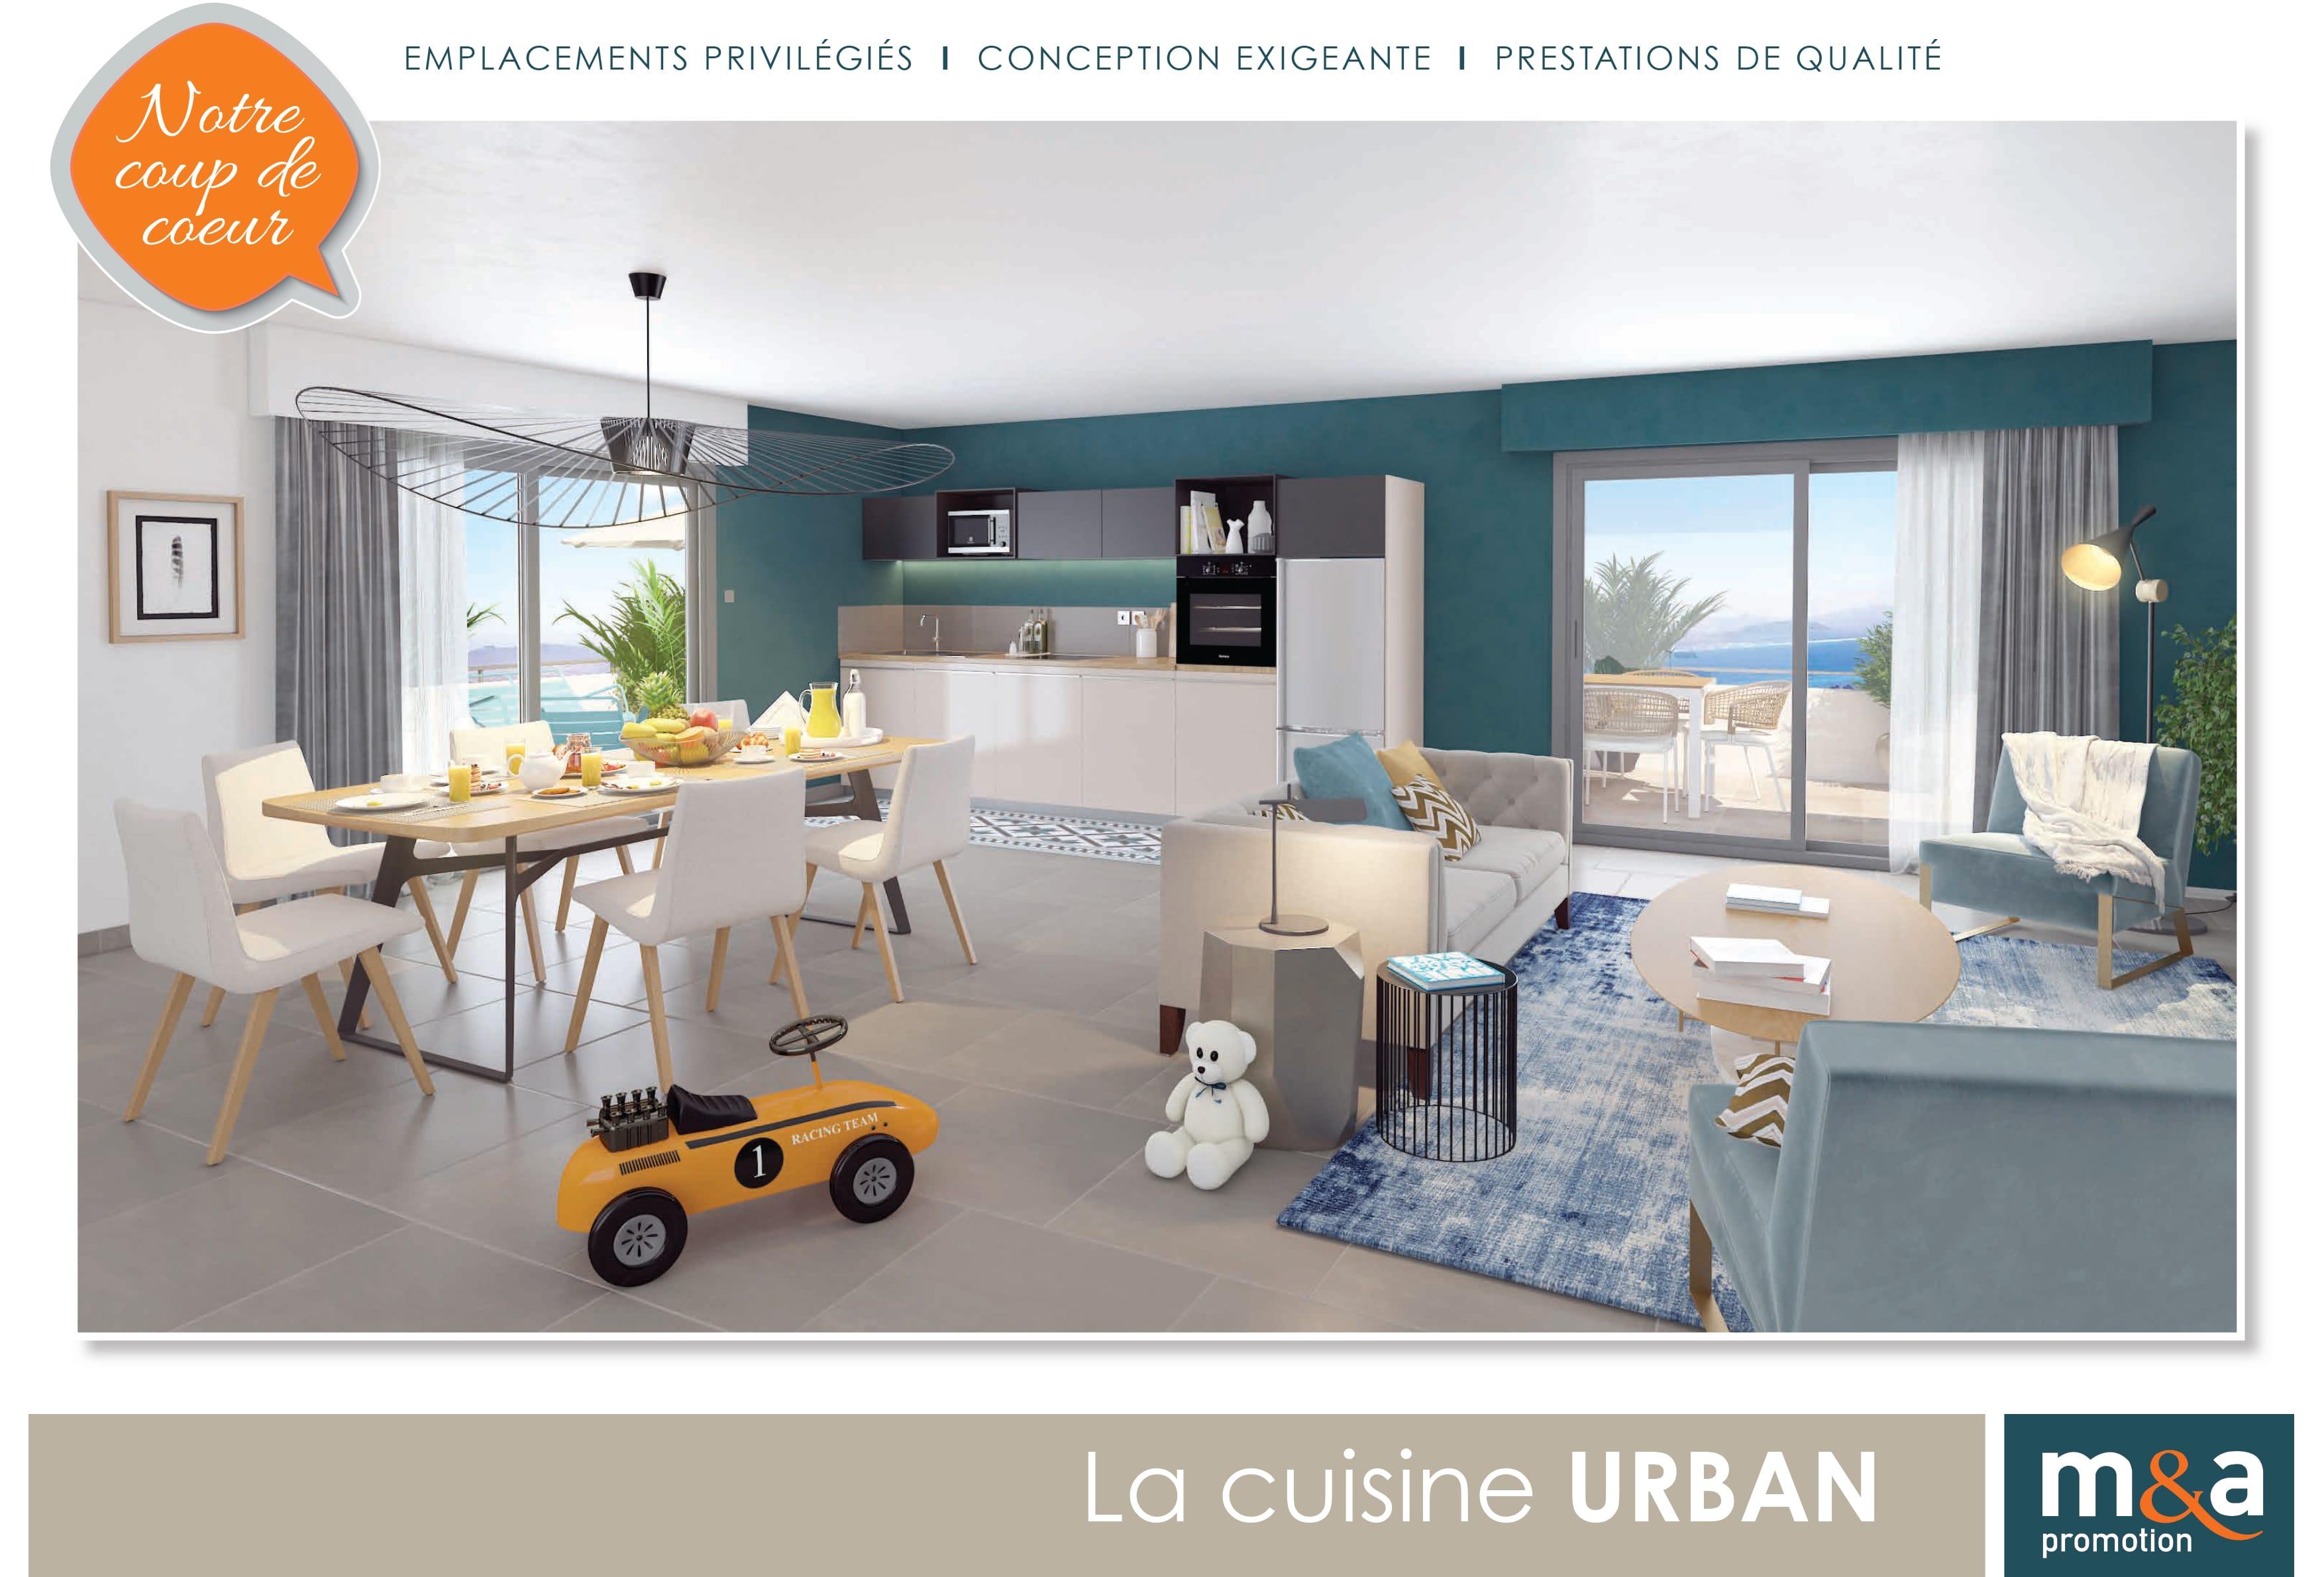 Cuisine URBAN Choix matériaux M&A promotion